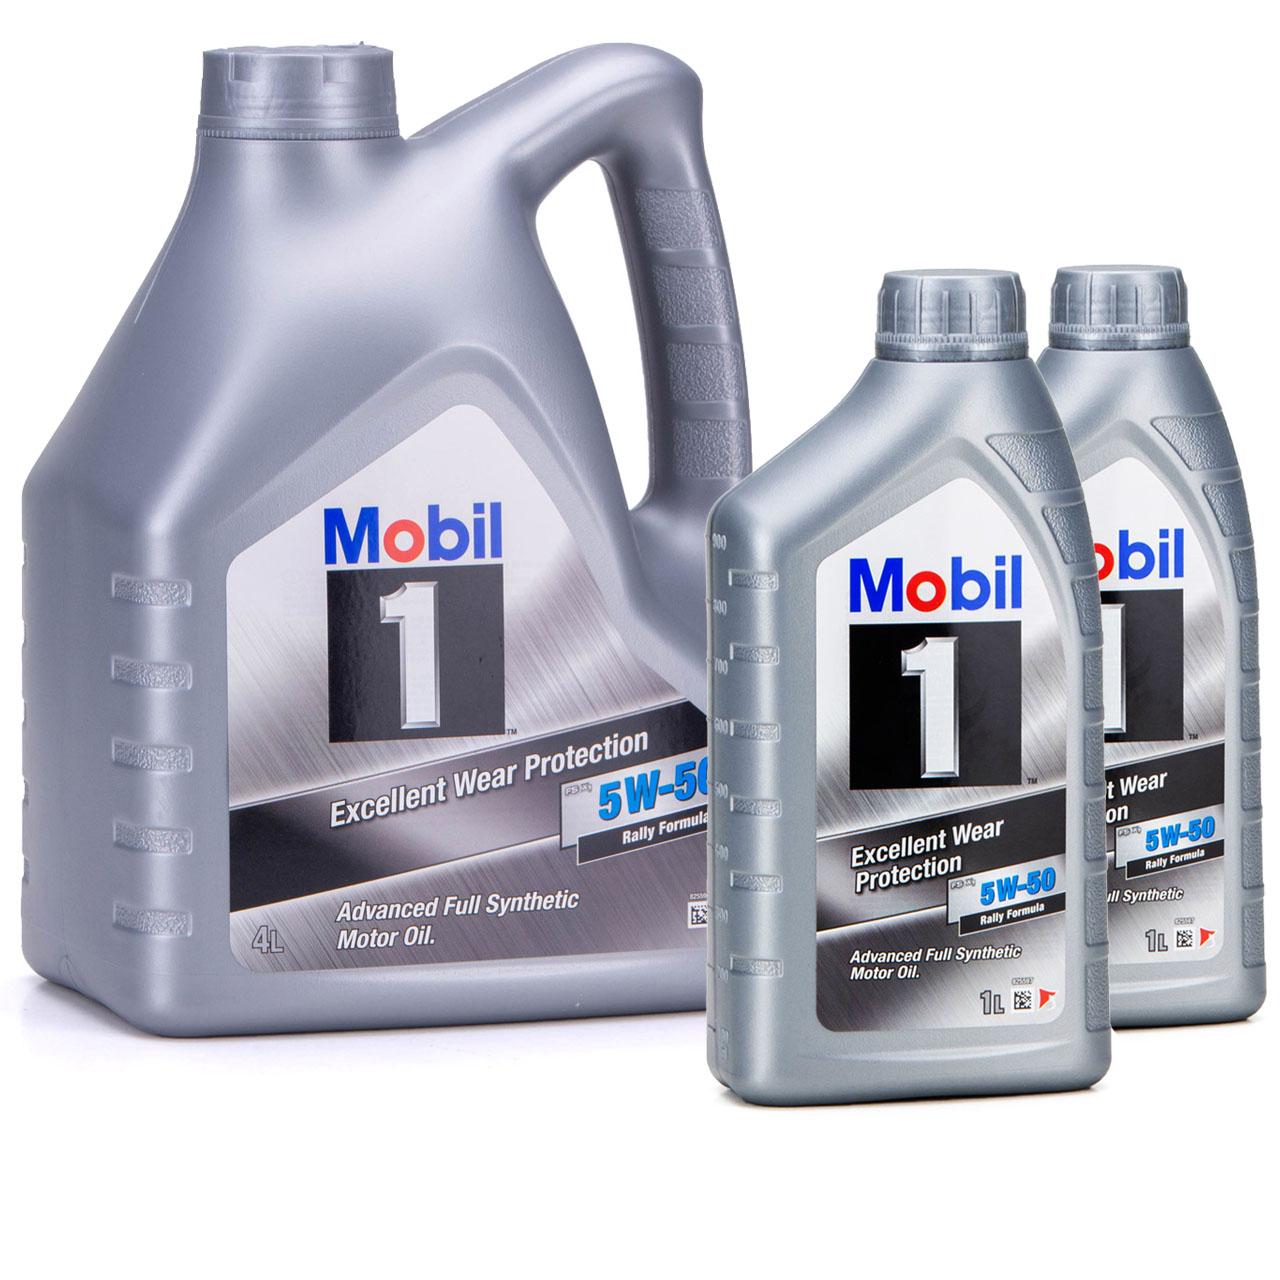 Mobil 1 FS X1 Motoröl Öl 5W-50 5W50 PORSCHE A40 MB 229.3 / 229.1 - 6L 6 Liter